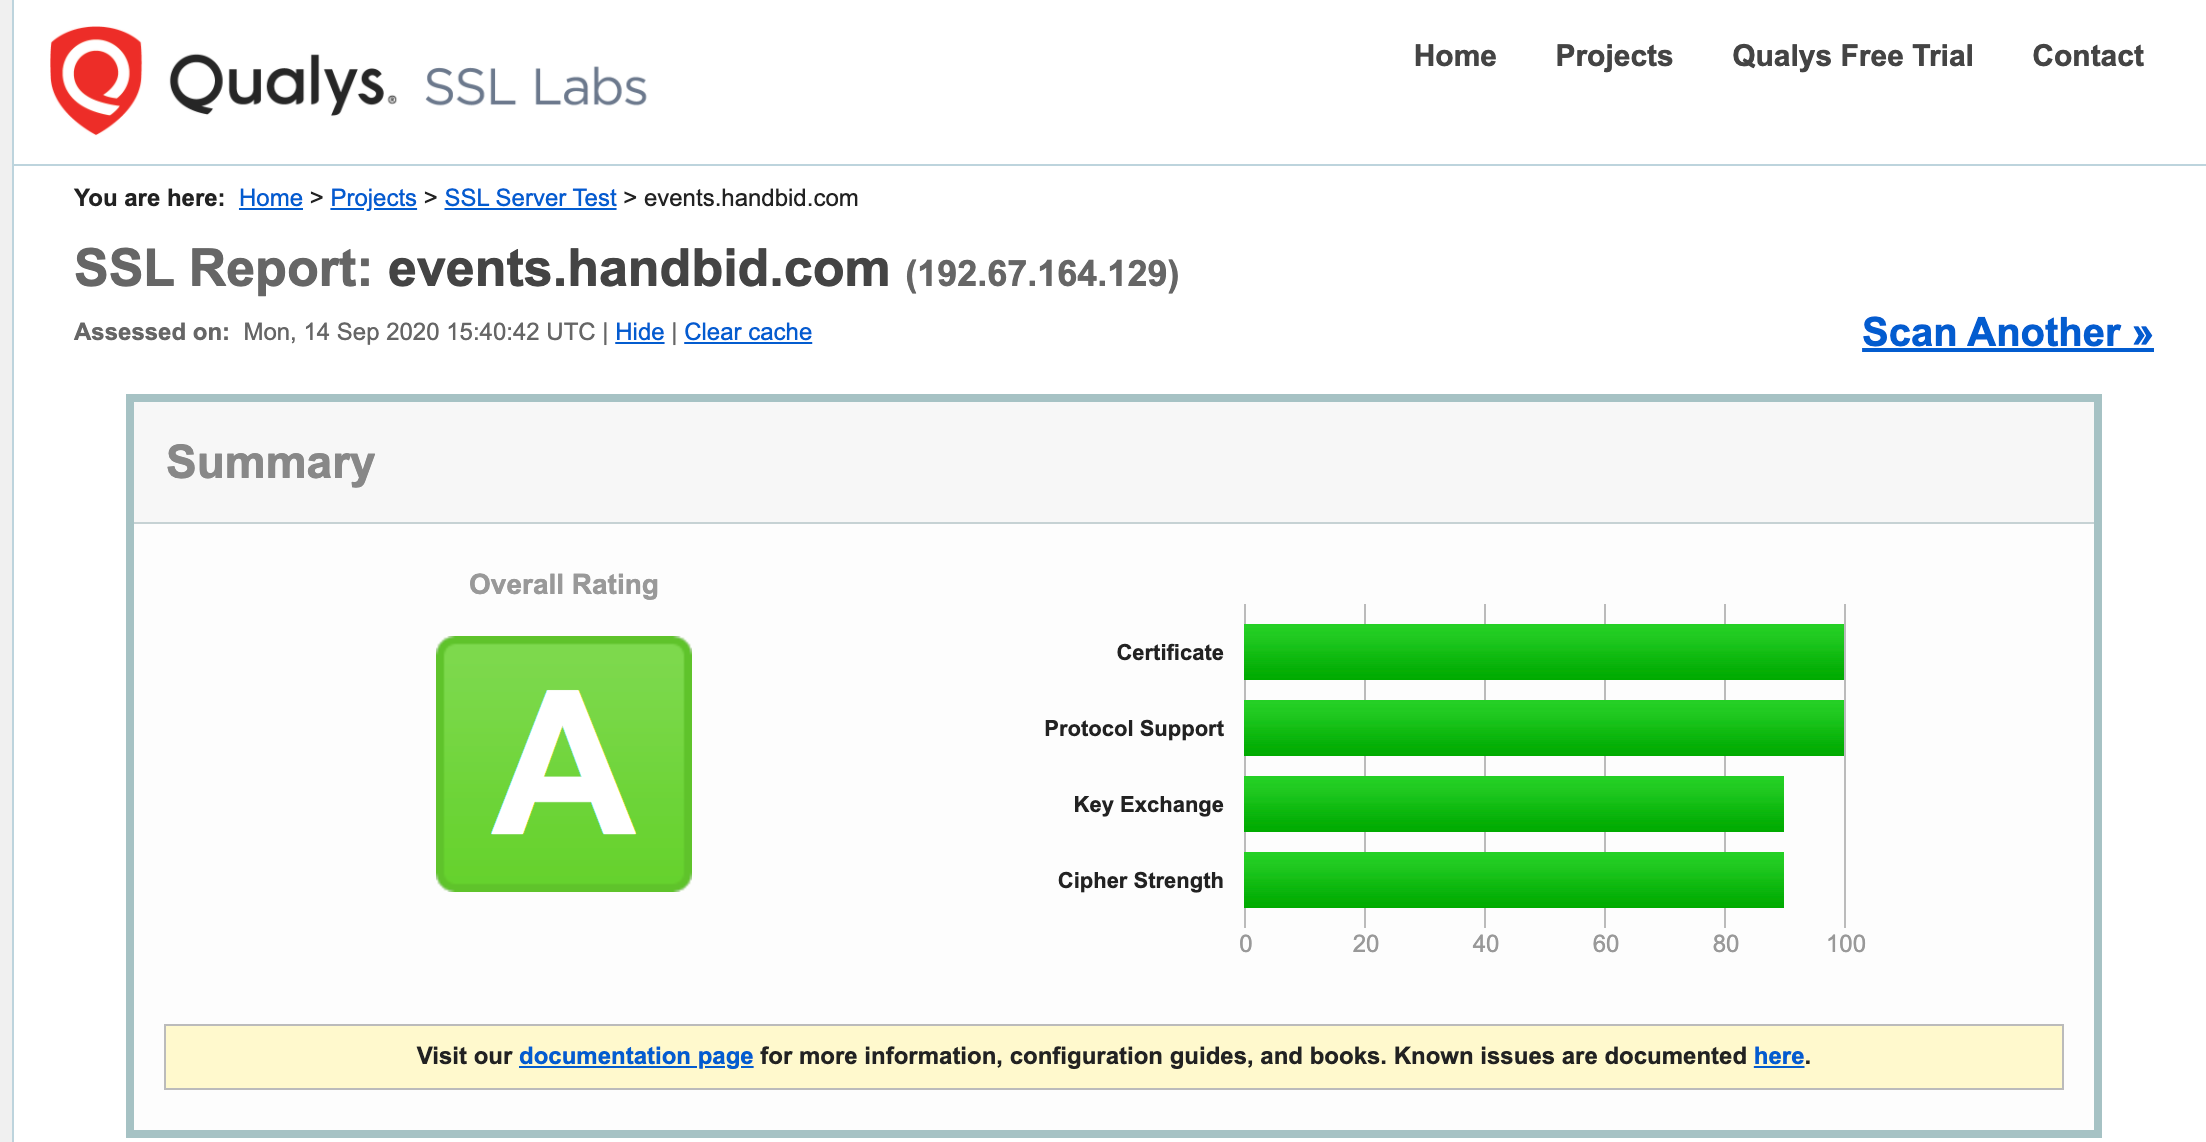 SSL_Server_Test__events_handbid_com__Powered_by_Qualys_SSL_Labs_